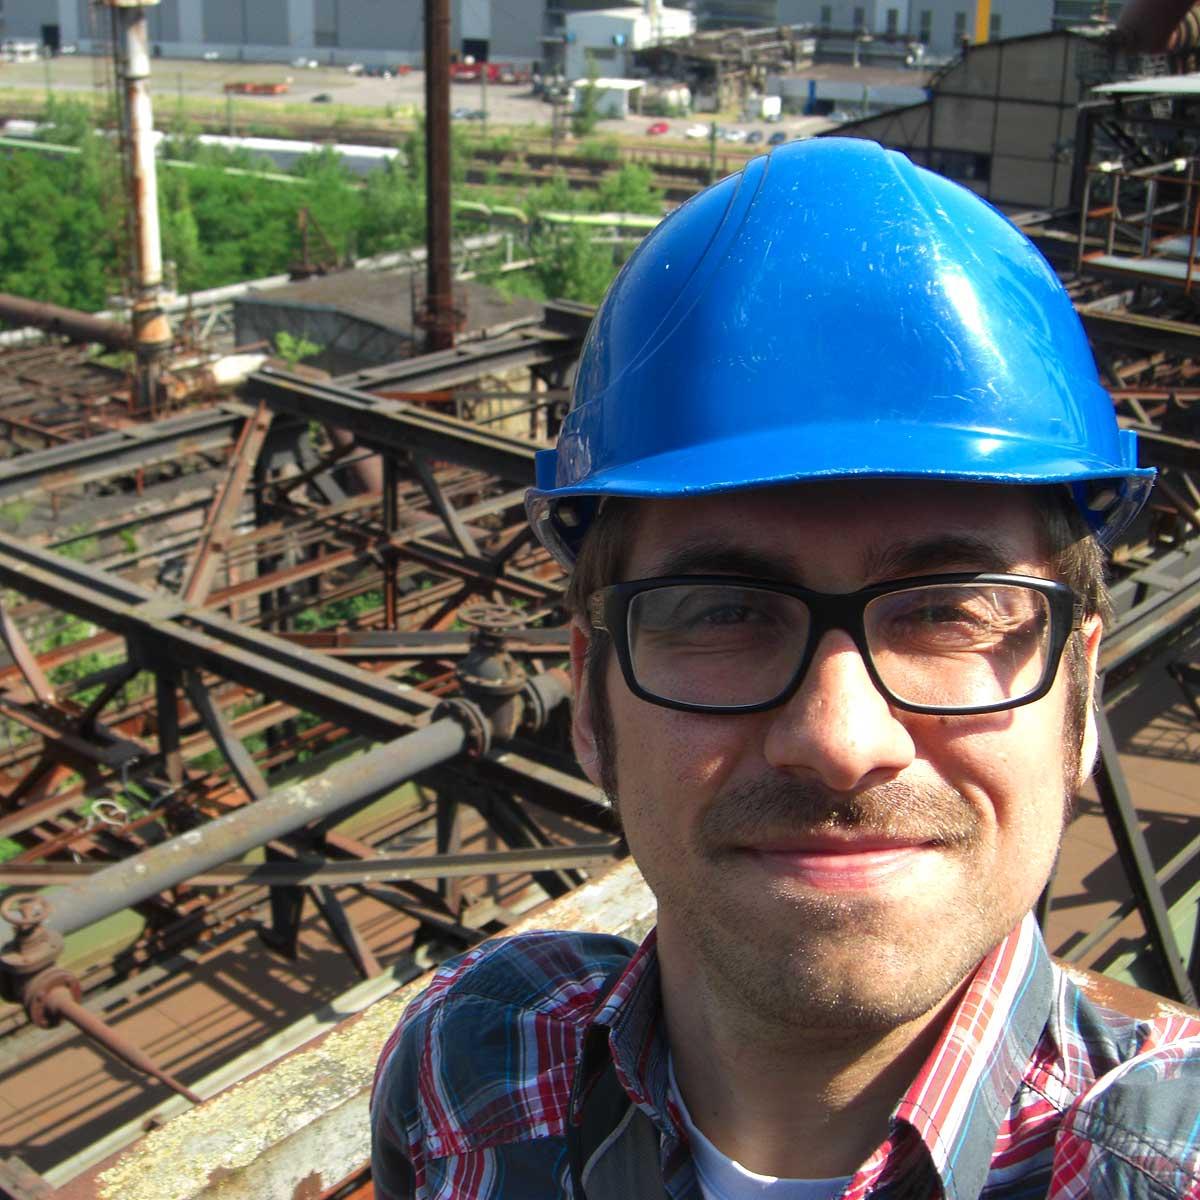 Ich mit Helm oben auf der Völklinger Hütte